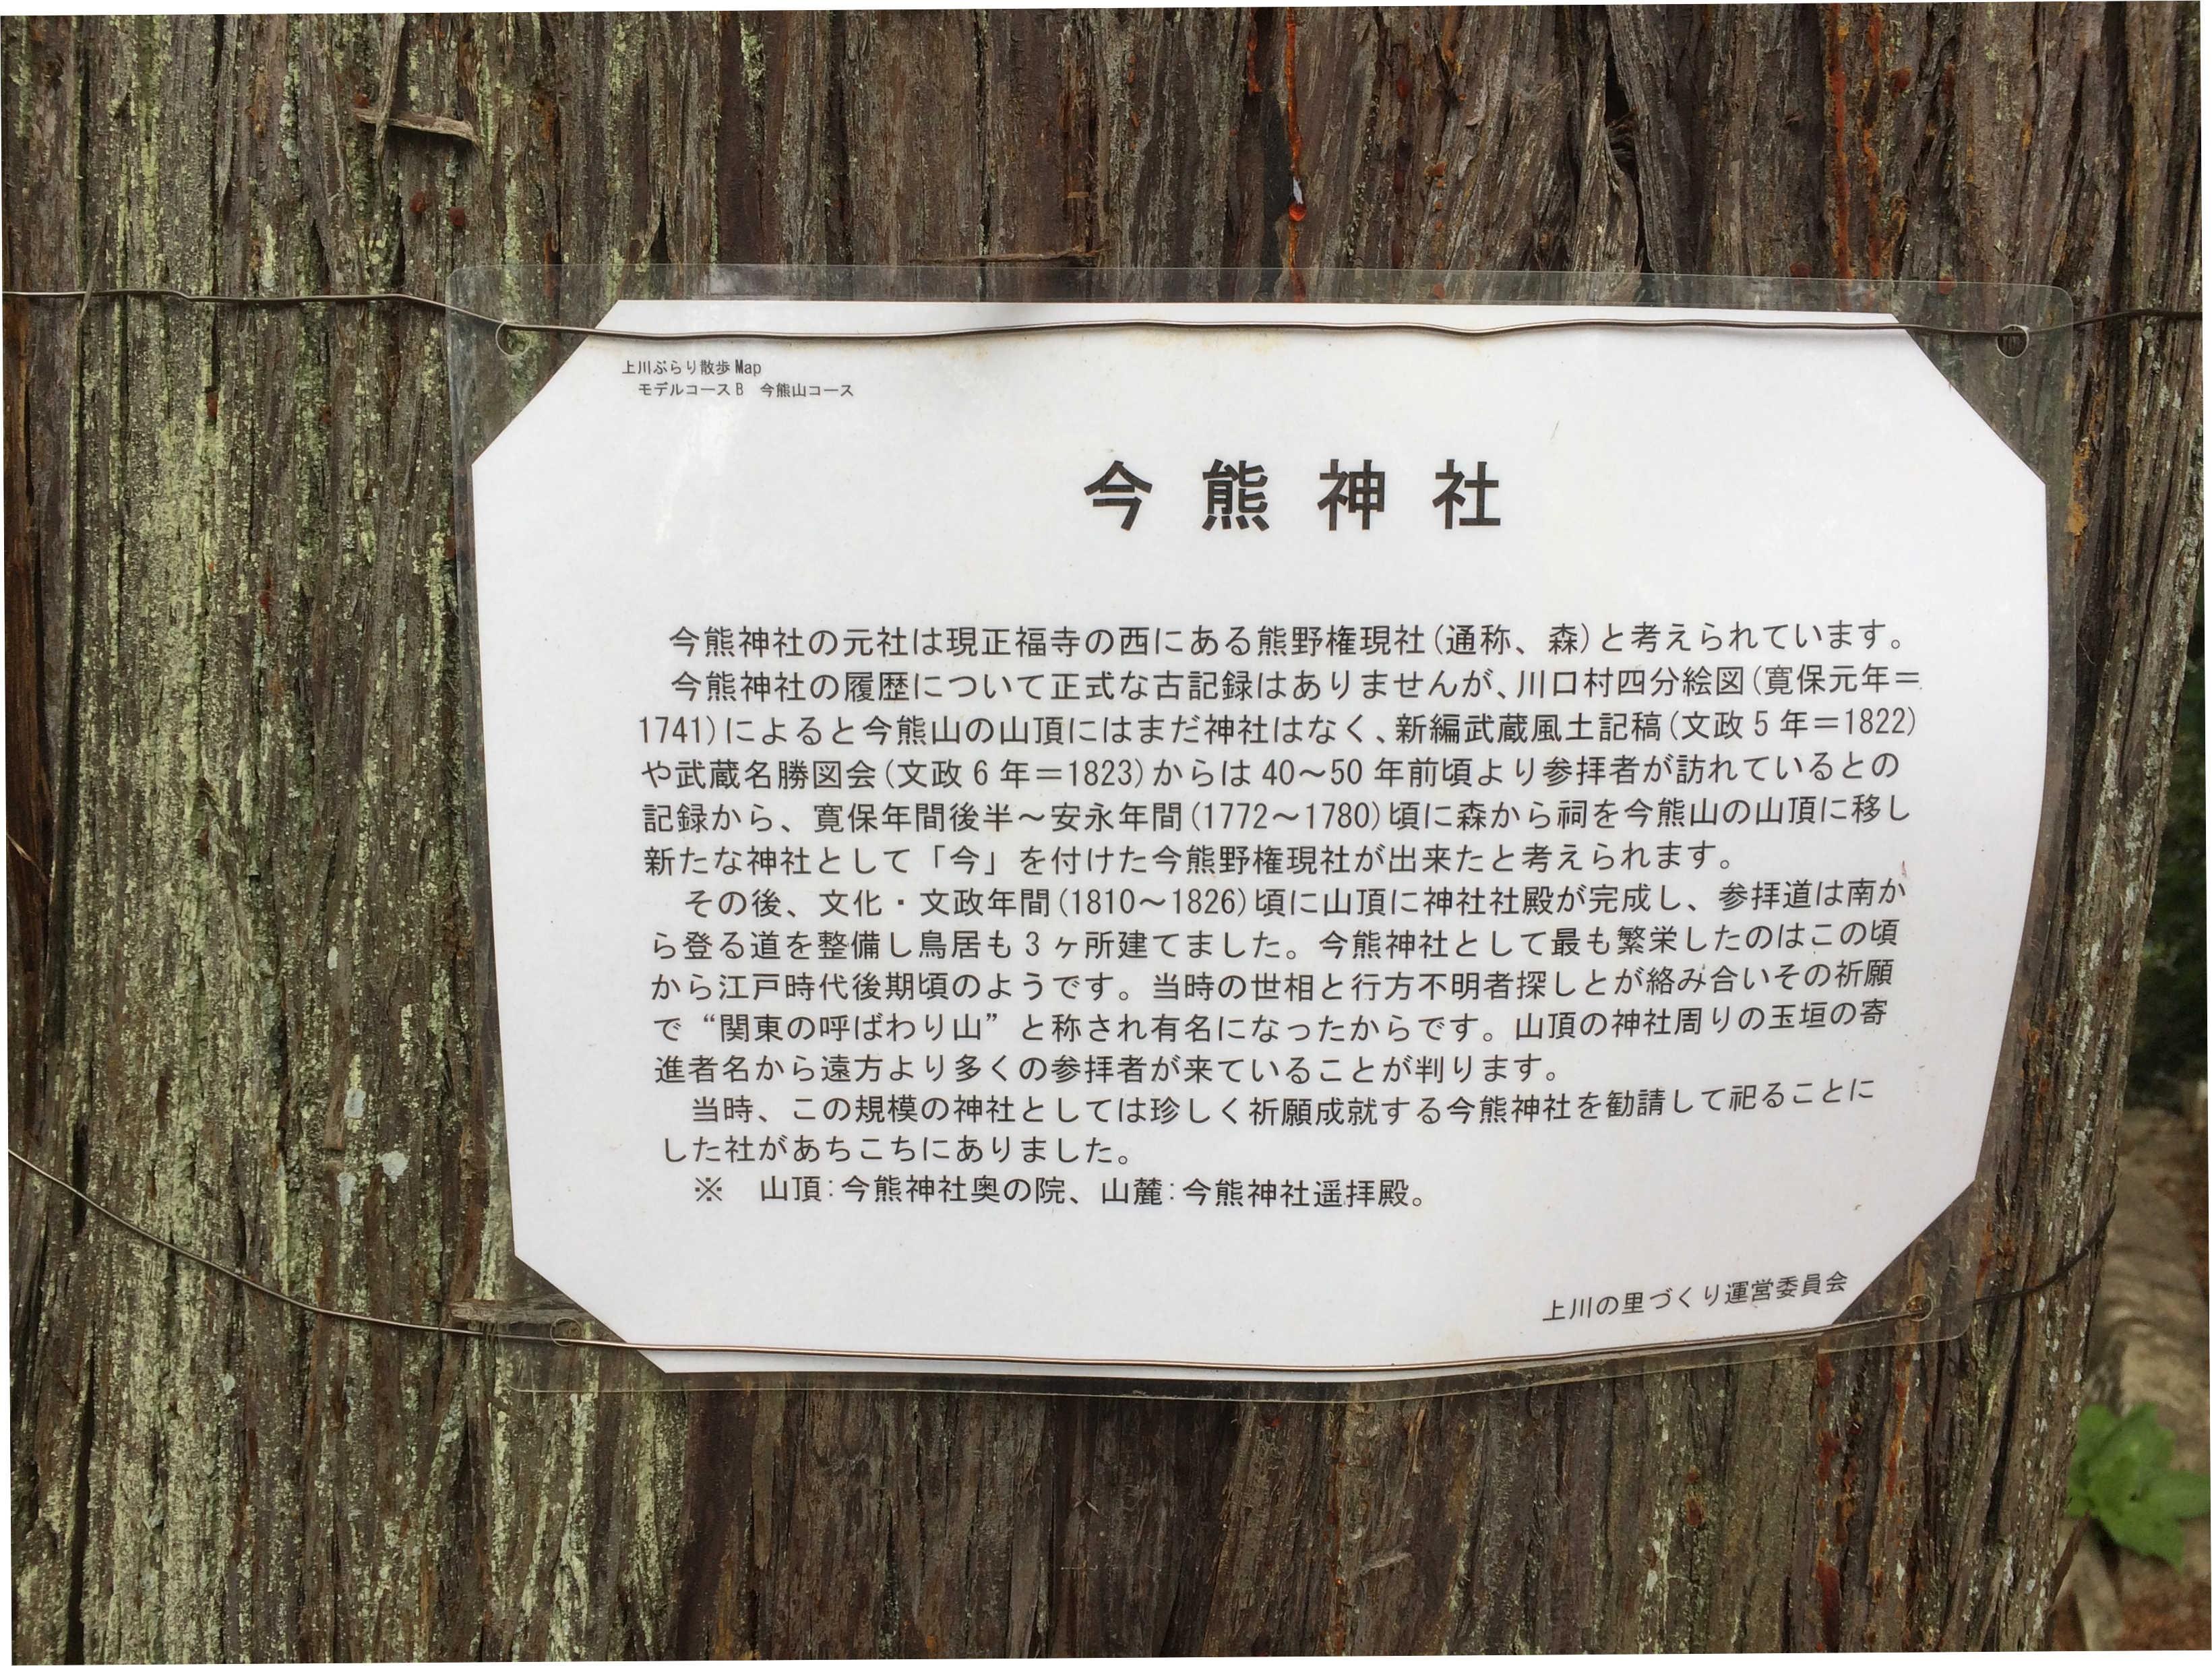 山頂:今川神社奥の院